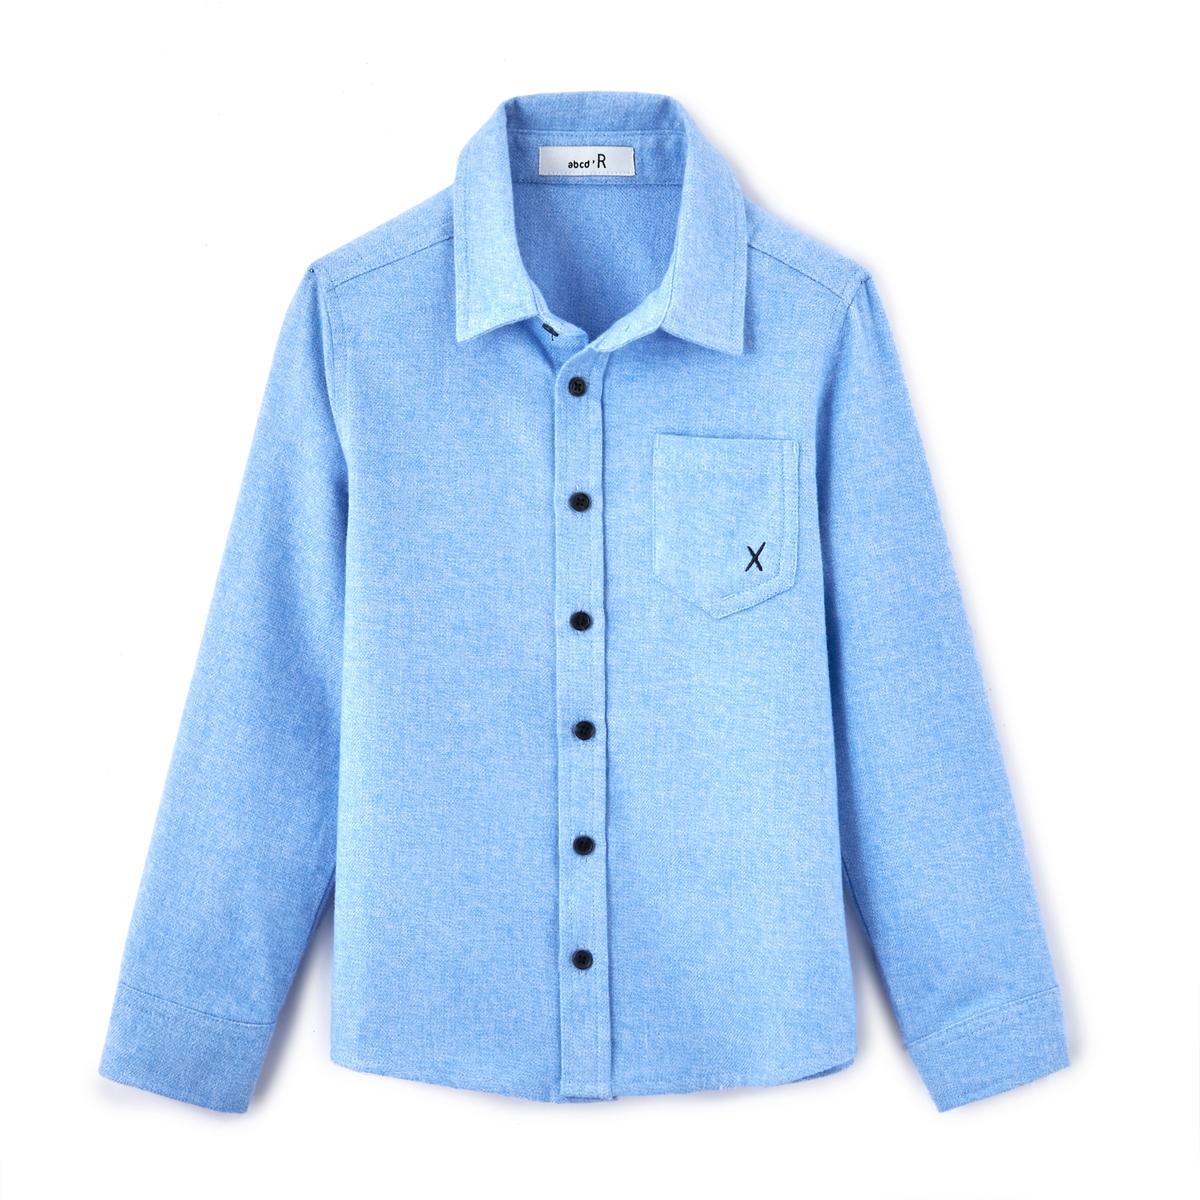 Рубашка с фланелевым эффектом, 3-12 летДетали •  Длинные рукава •  Прямой покрой •  Классический воротникСостав и уход •  100% хлопок •  Температура стирки 30°   •  Сухая чистка и отбеливание запрещены    •  Барабанная сушка на деликатном режиме •  Низкая температура глажки<br><br>Цвет: синий